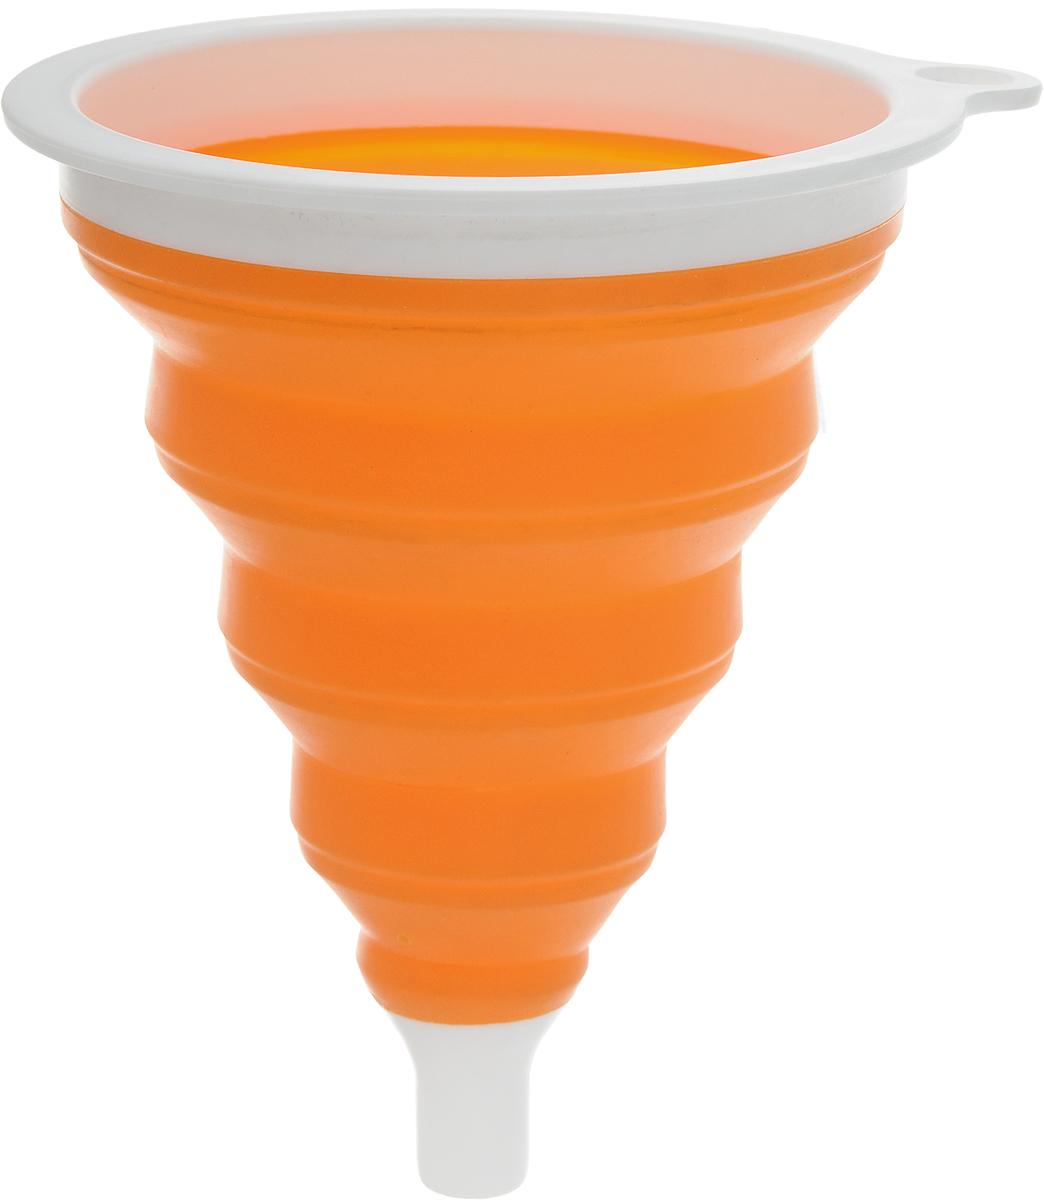 Воронка Oursson, силиконовая, складная, цвет: оранжевый, белый, 12 х 12 х 15 смFU1500SP/MC_оранжевый/белыйВоронка Oursson изготовлена из высококачественного экологически чистого пищевого силикона. Предназначена для переливания как холодных, так и горячих жидкостей, а также для пересыпания сыпучих продуктов - соли, сухих приправ и т.д. Благодаря уникальной складывающейся конструкции подходит под емкости с различным диаметром горлышка и занимает мало места при хранении.Силикон выдерживает температуру от -20°С до +220°С. Можно мыть в посудомоечной машине.Размеры воронки: 12 х 12 х 15 см